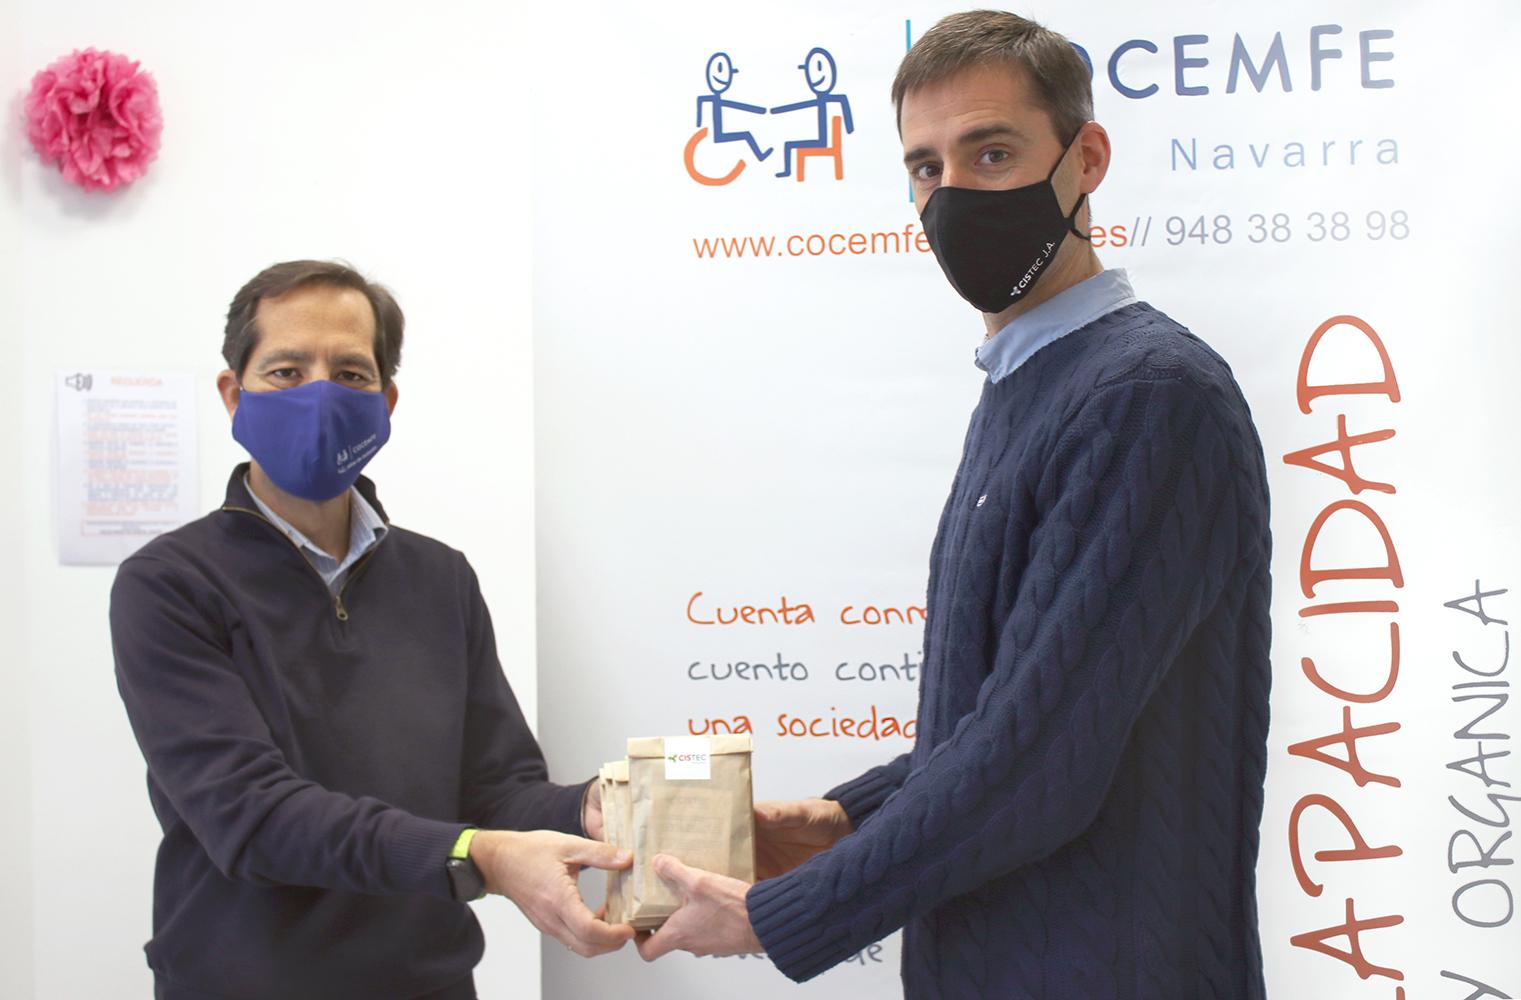 cistec cocemfe  - Cistec Technology promueve un acto solidario con asociaciones sin ánimo de lucro